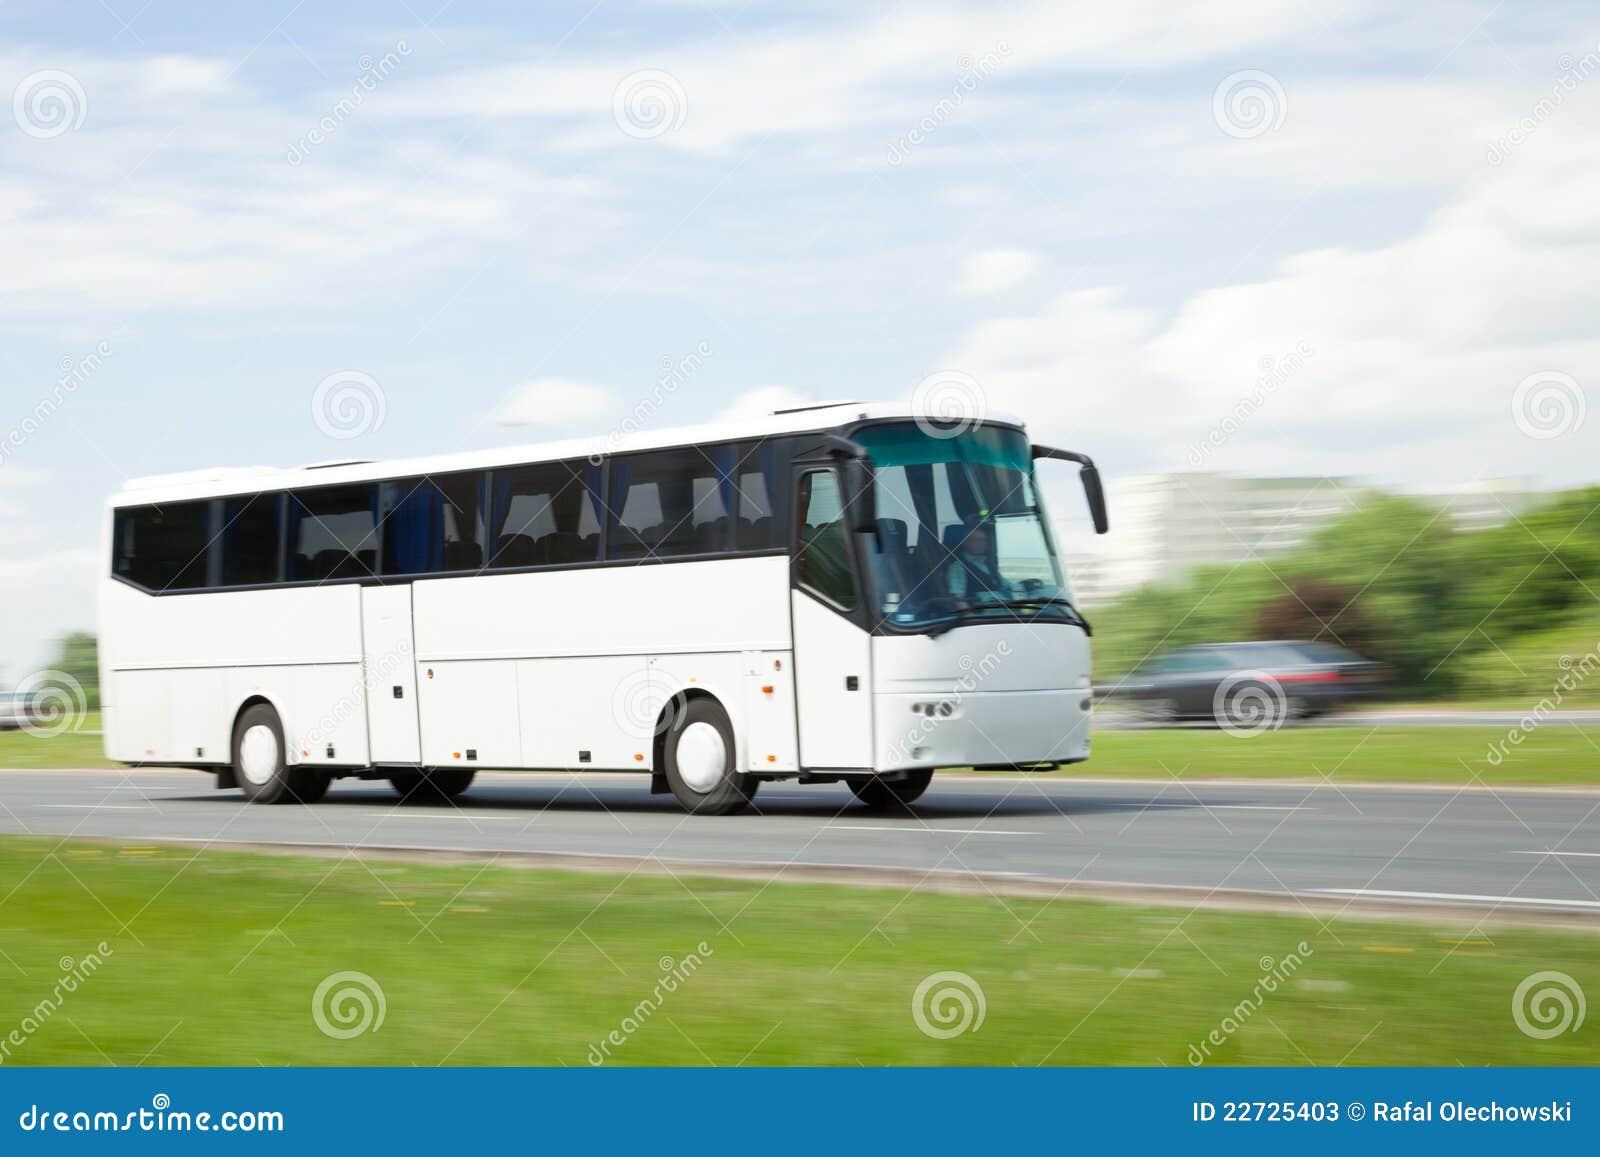 公共汽车图象摇摄浏览